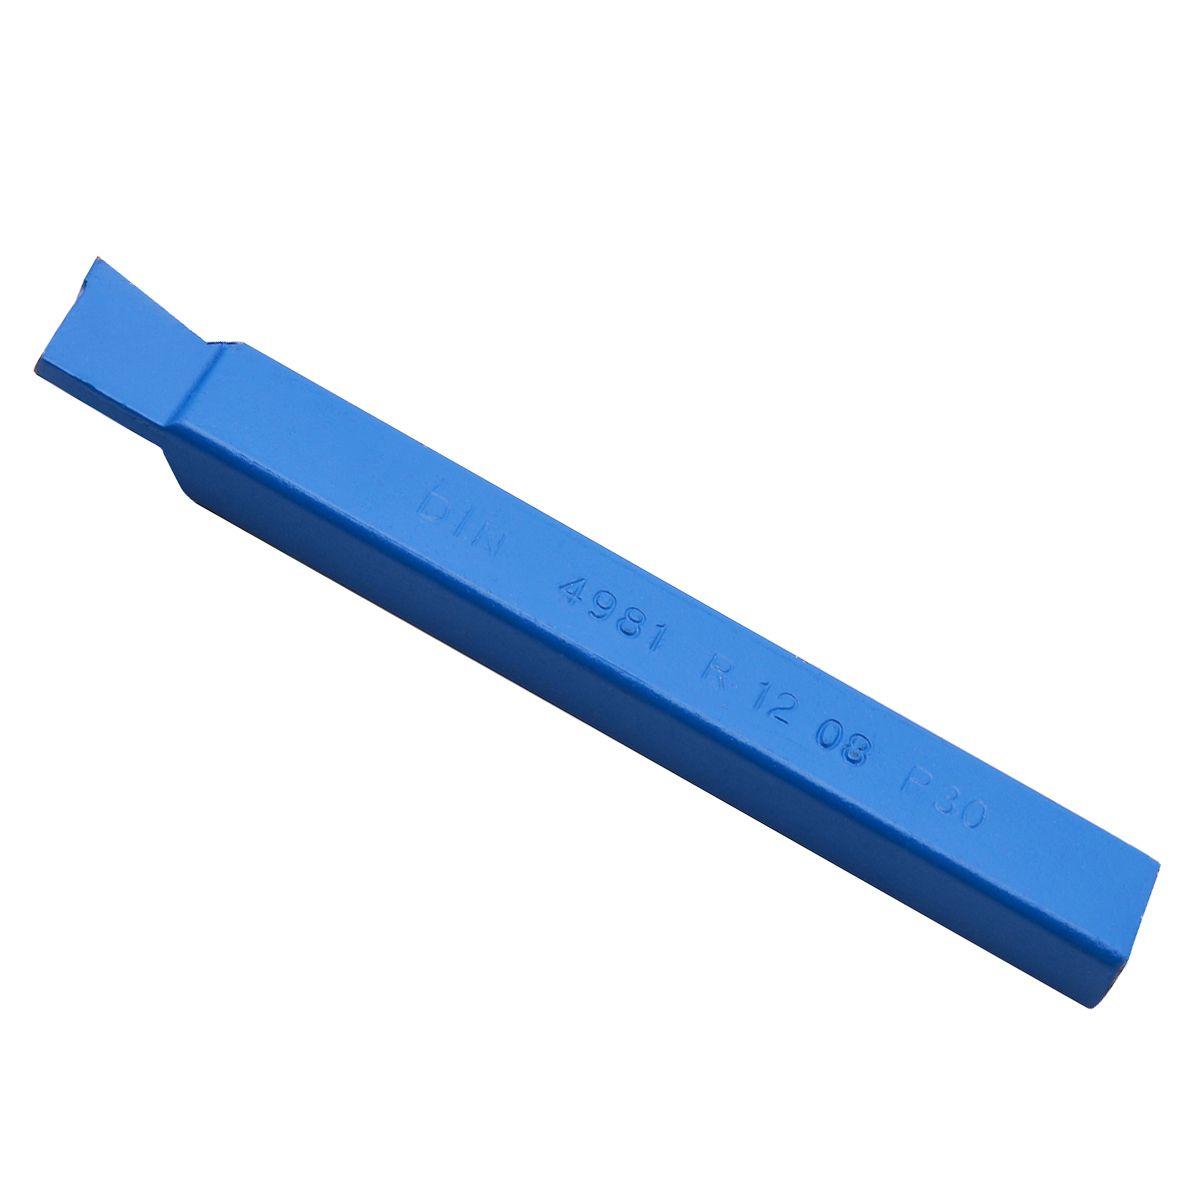 1 stück DIN 4981 Hartmetall-Hartmetalldrehmeißel Mayitr 10mm Blau Legierung Spirale Drehen Werkzeuge mit Tragen Widerstand